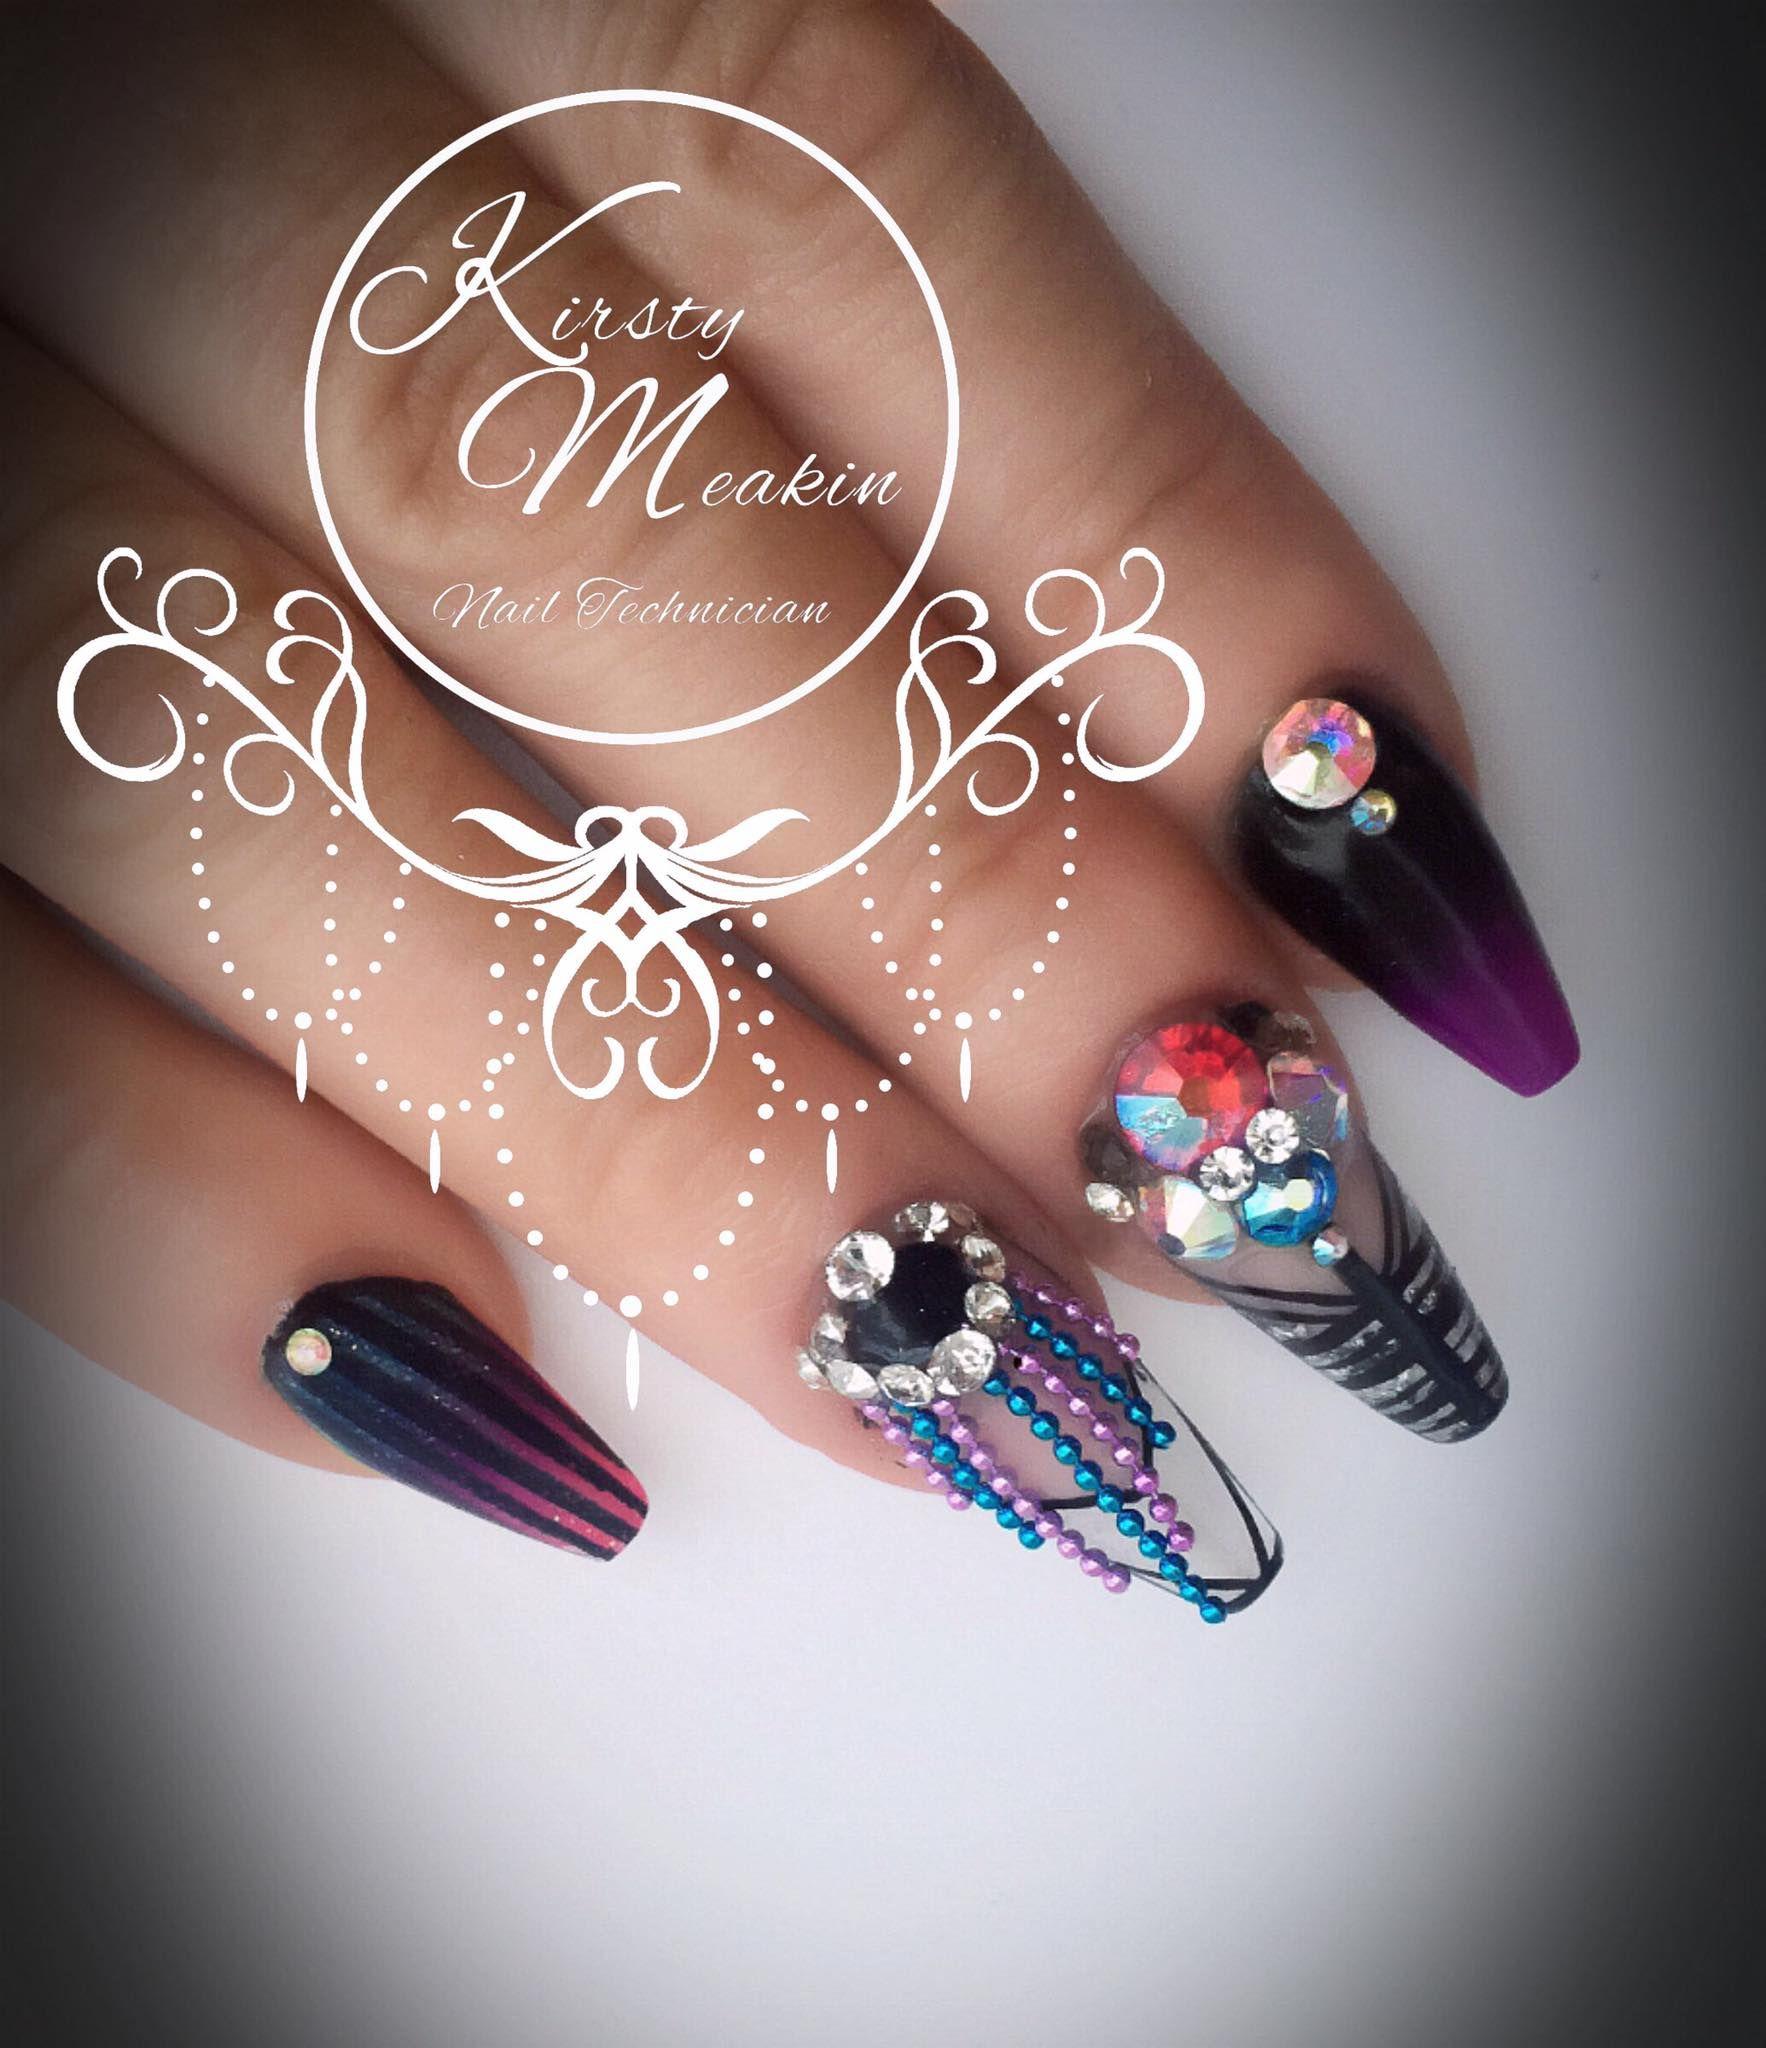 Kirsty Meakin Nail Art Naio Nails Products Nail Book Pinterest